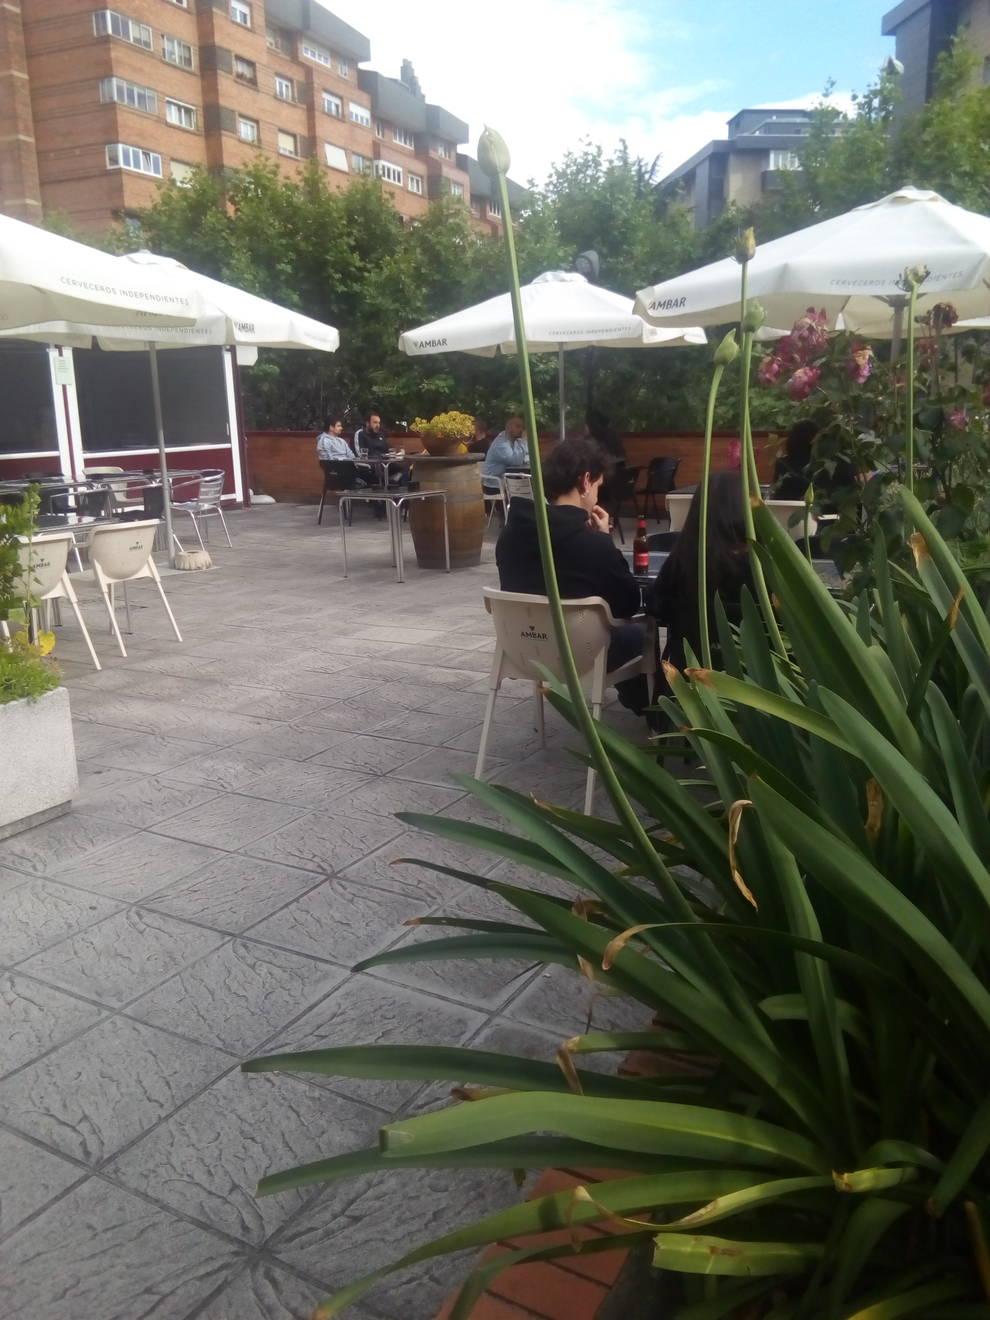 La terraza del bar Ciaboga en el Mercado de Ermitagaña